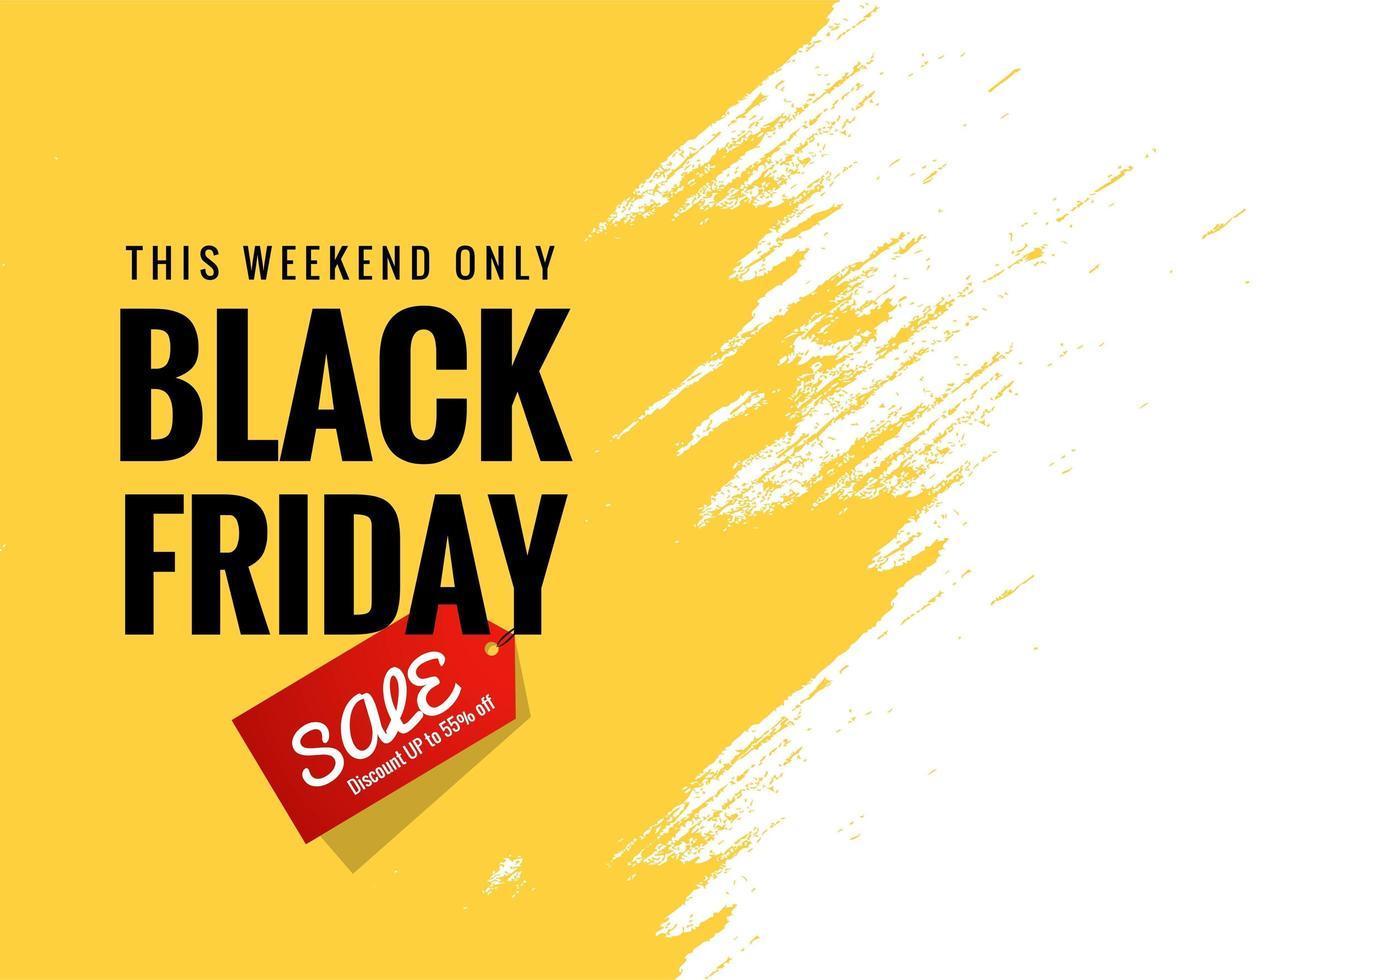 zwarte vrijdag aankondiging verkoop banner achtergrond vector